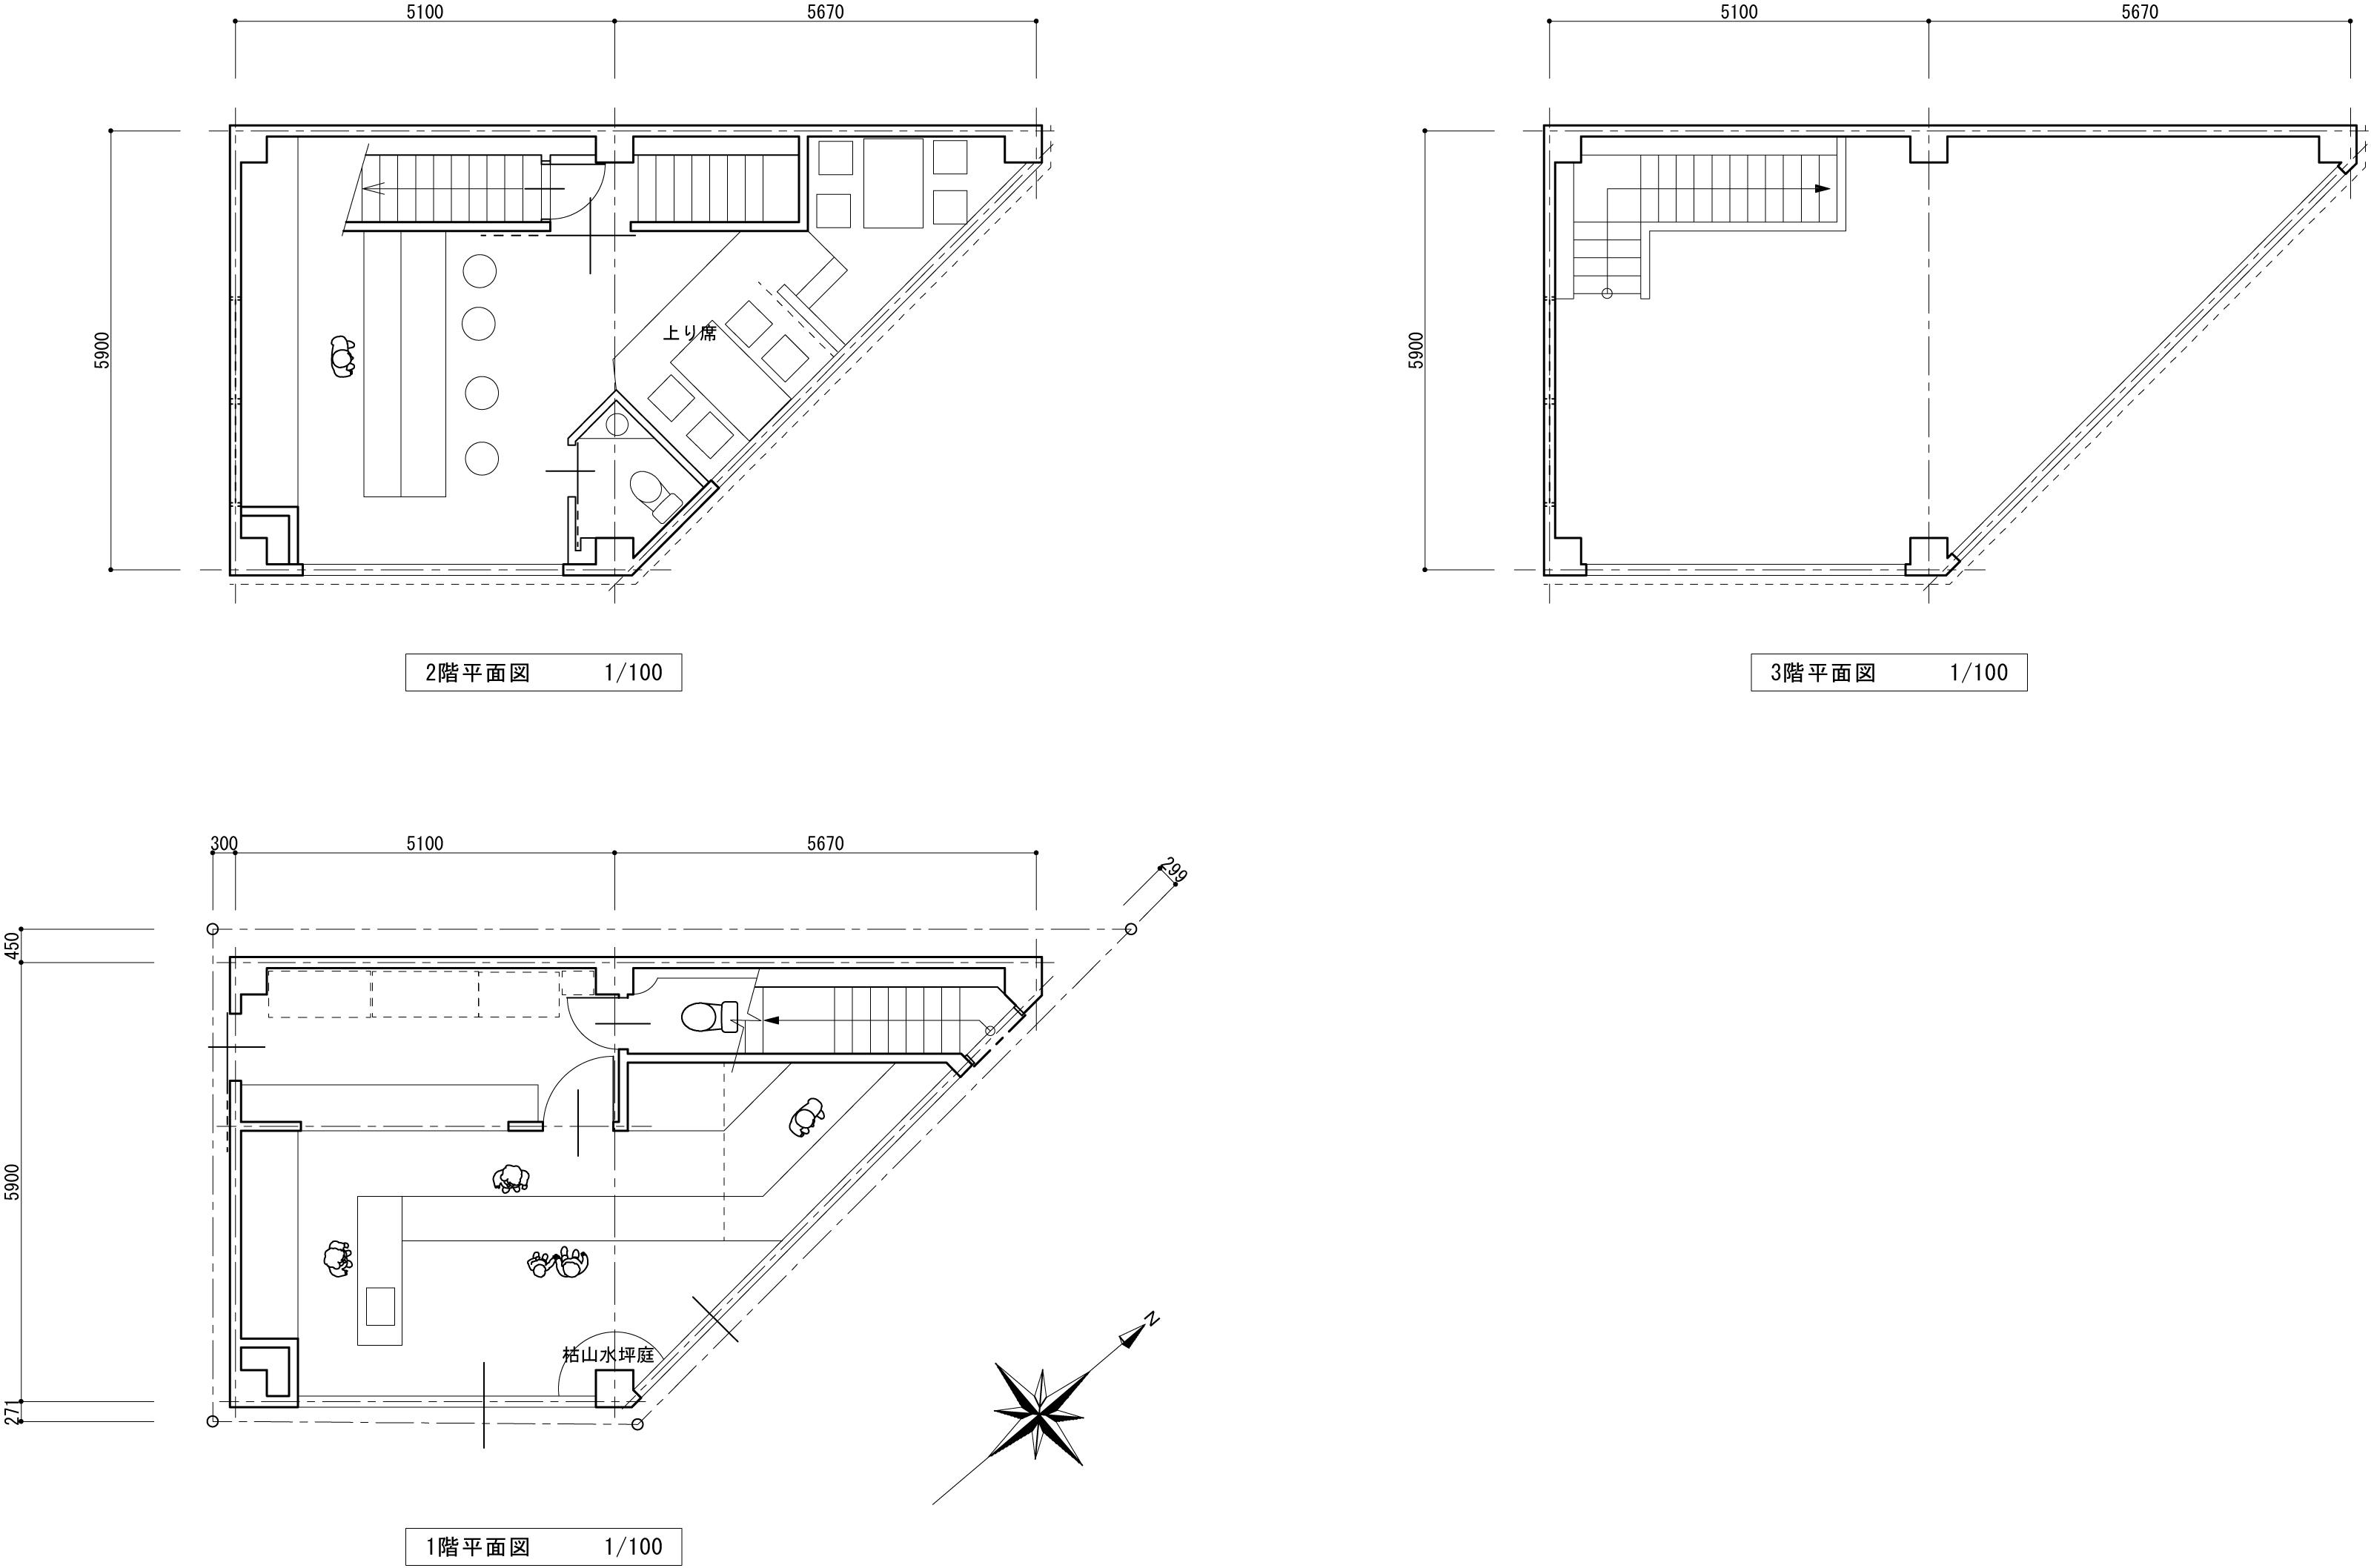 アンビルドシリーズ2 伊勢型紙のファサード_d0057215_19344625.jpg